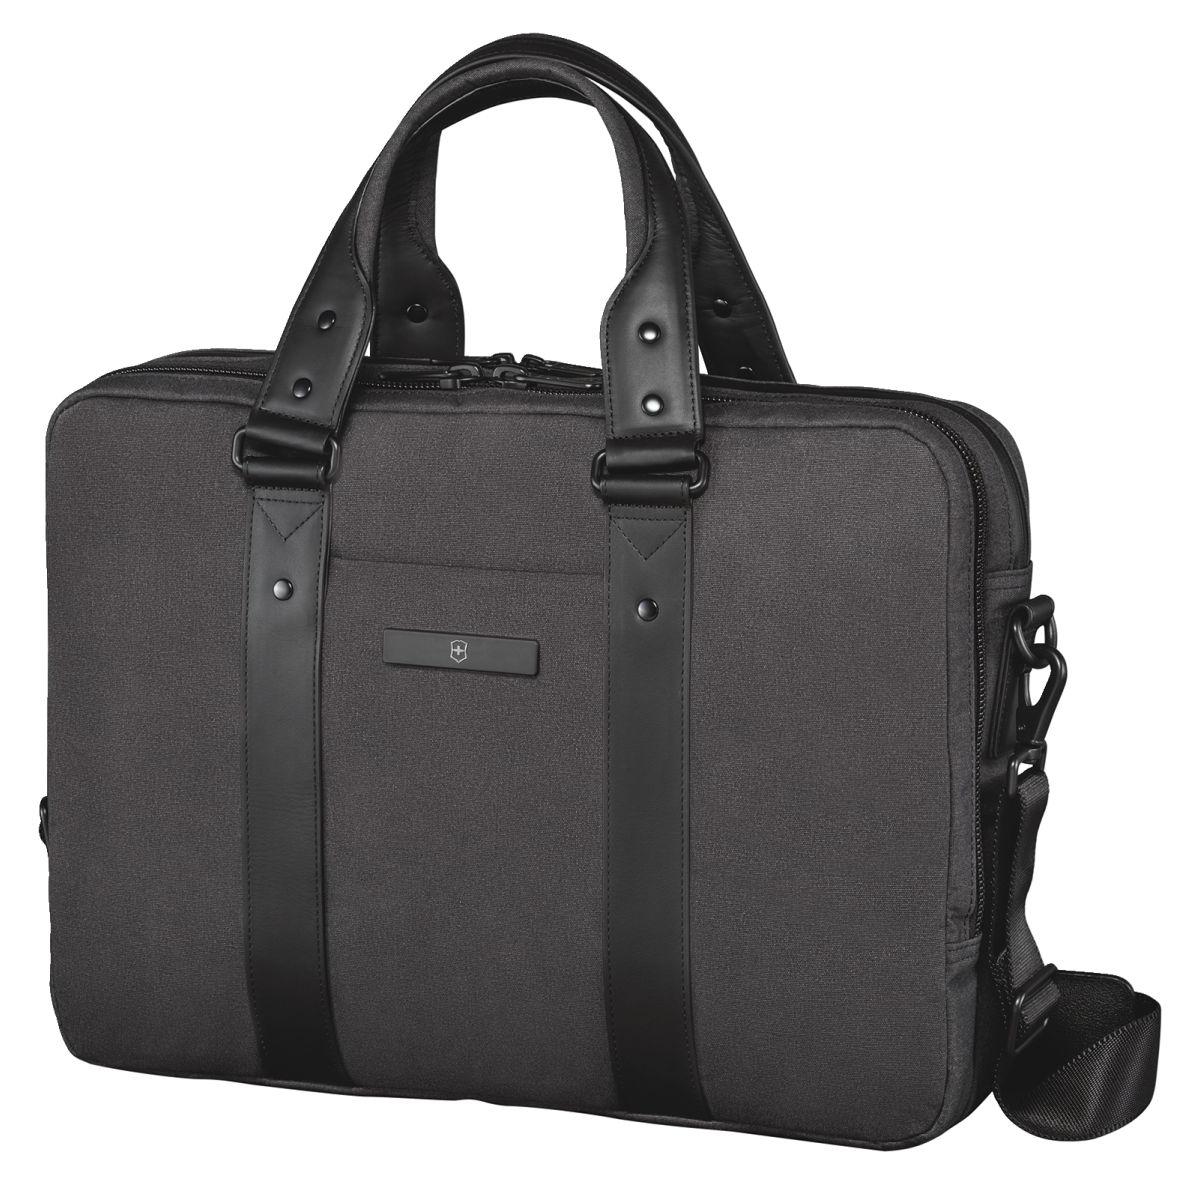 ヴィクトリノックス VICTORINOX ビジネスバッグ Bodmber15 ボドマー15 グレイ ブリーフケース Briefcase 600703